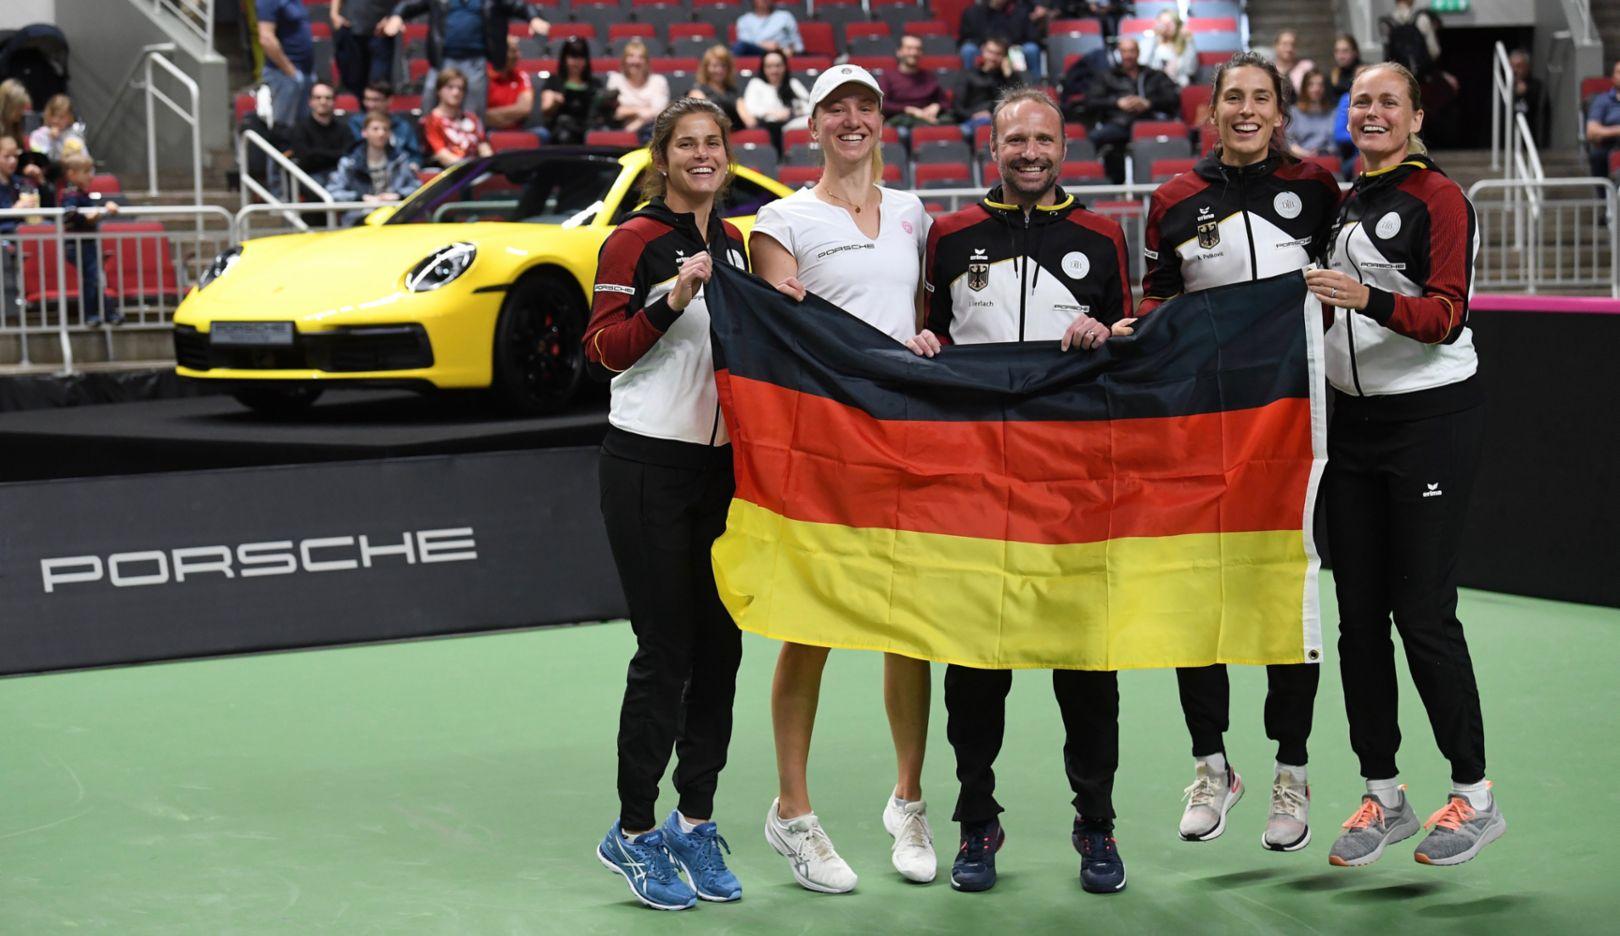 Porsche Team Germany, Fed Cup, Riga, 2019, Porsche AG